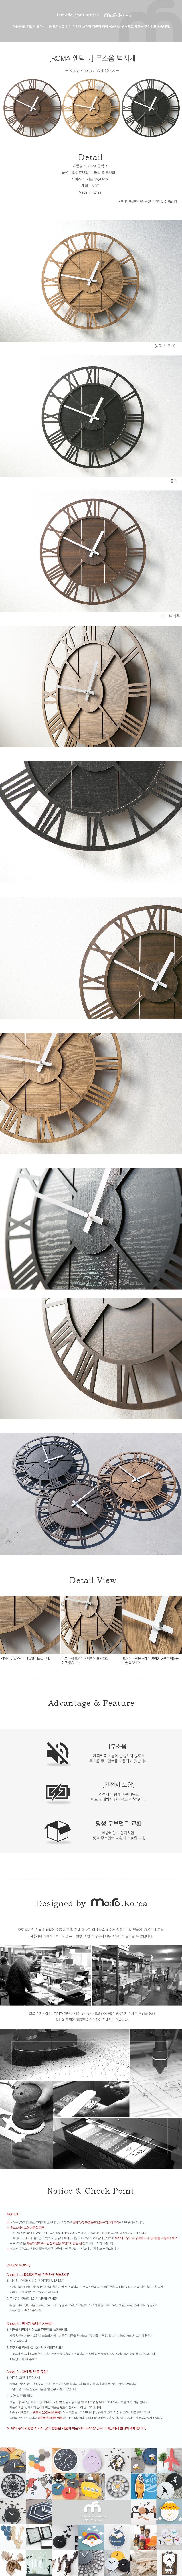 로마 앤티크 무소음 벽시계 - 모로, 40,950원, 벽시계, 디자인벽시계